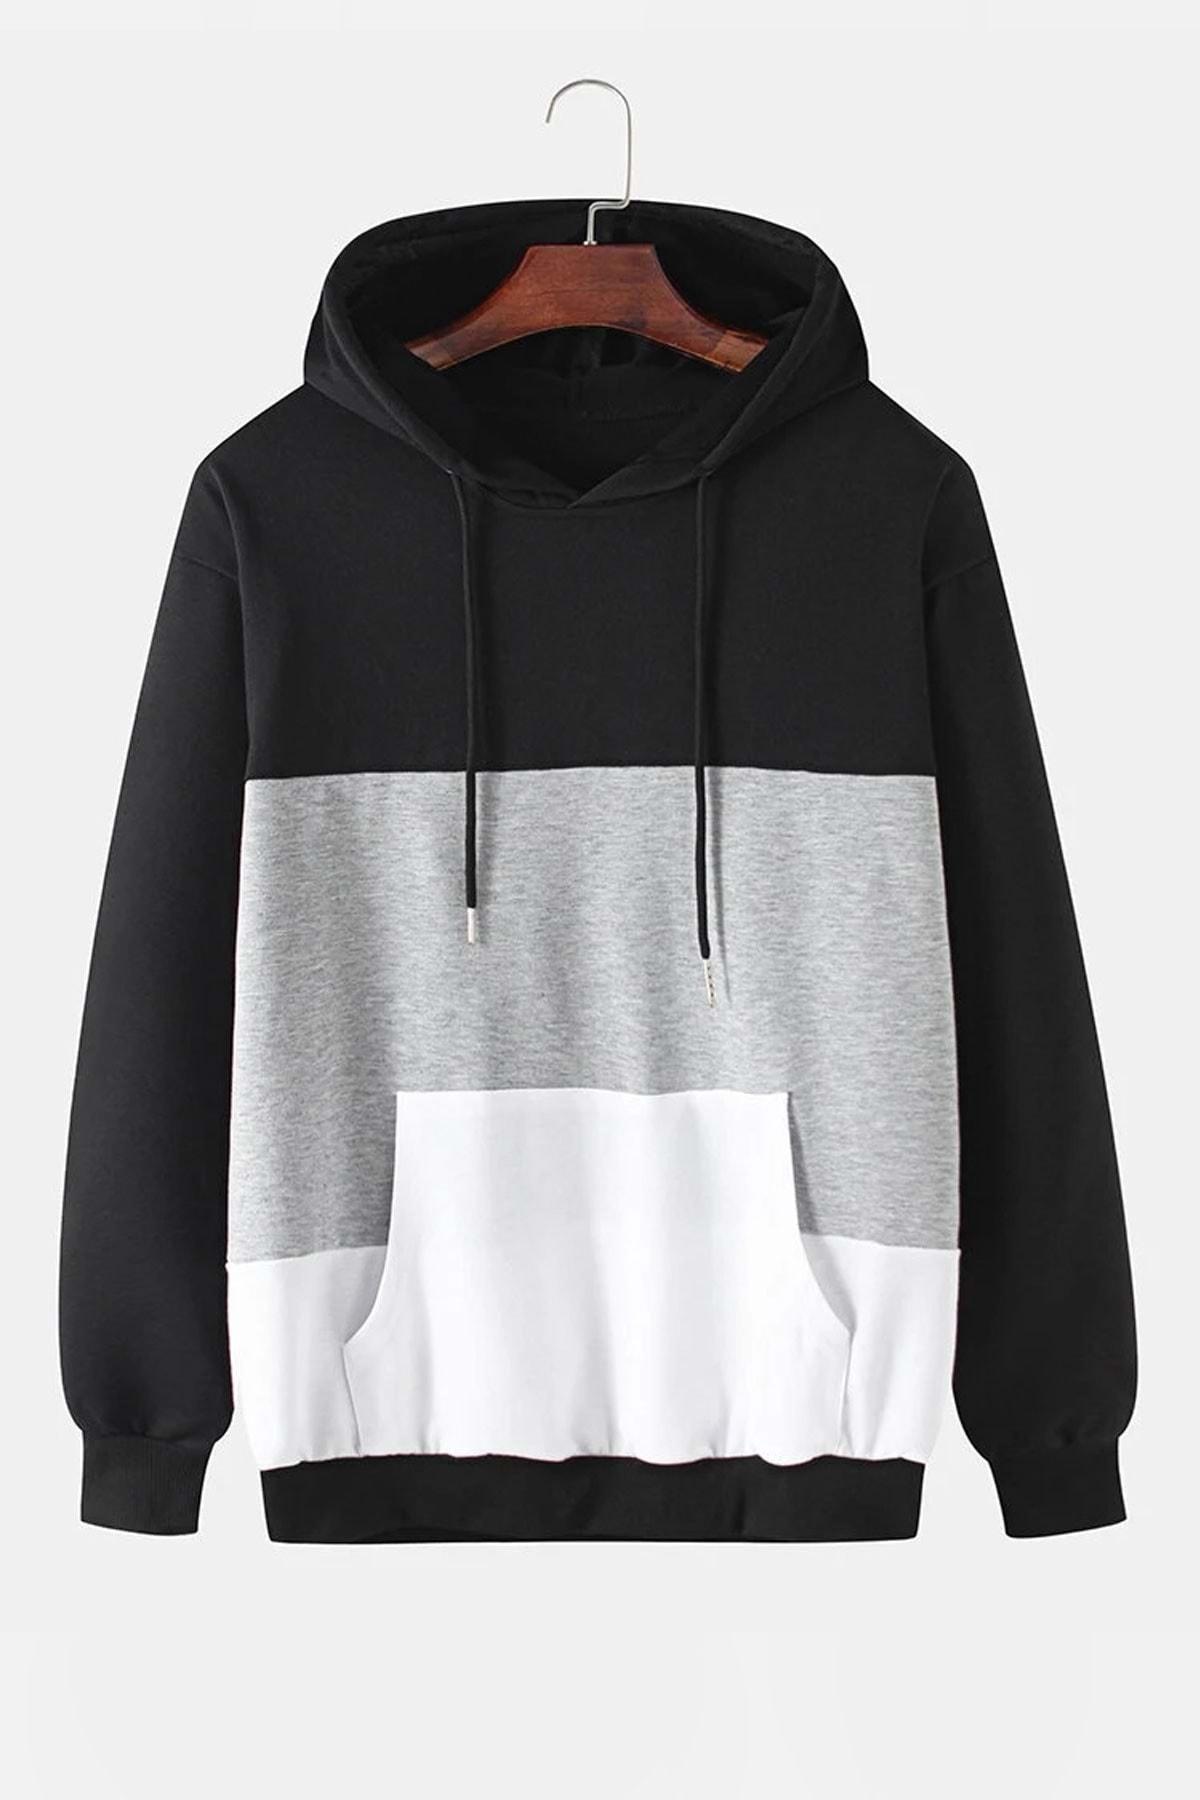 dAcollection Erkek Parçalı Kapşonlu Sweatshirt - - Siyah - L 1